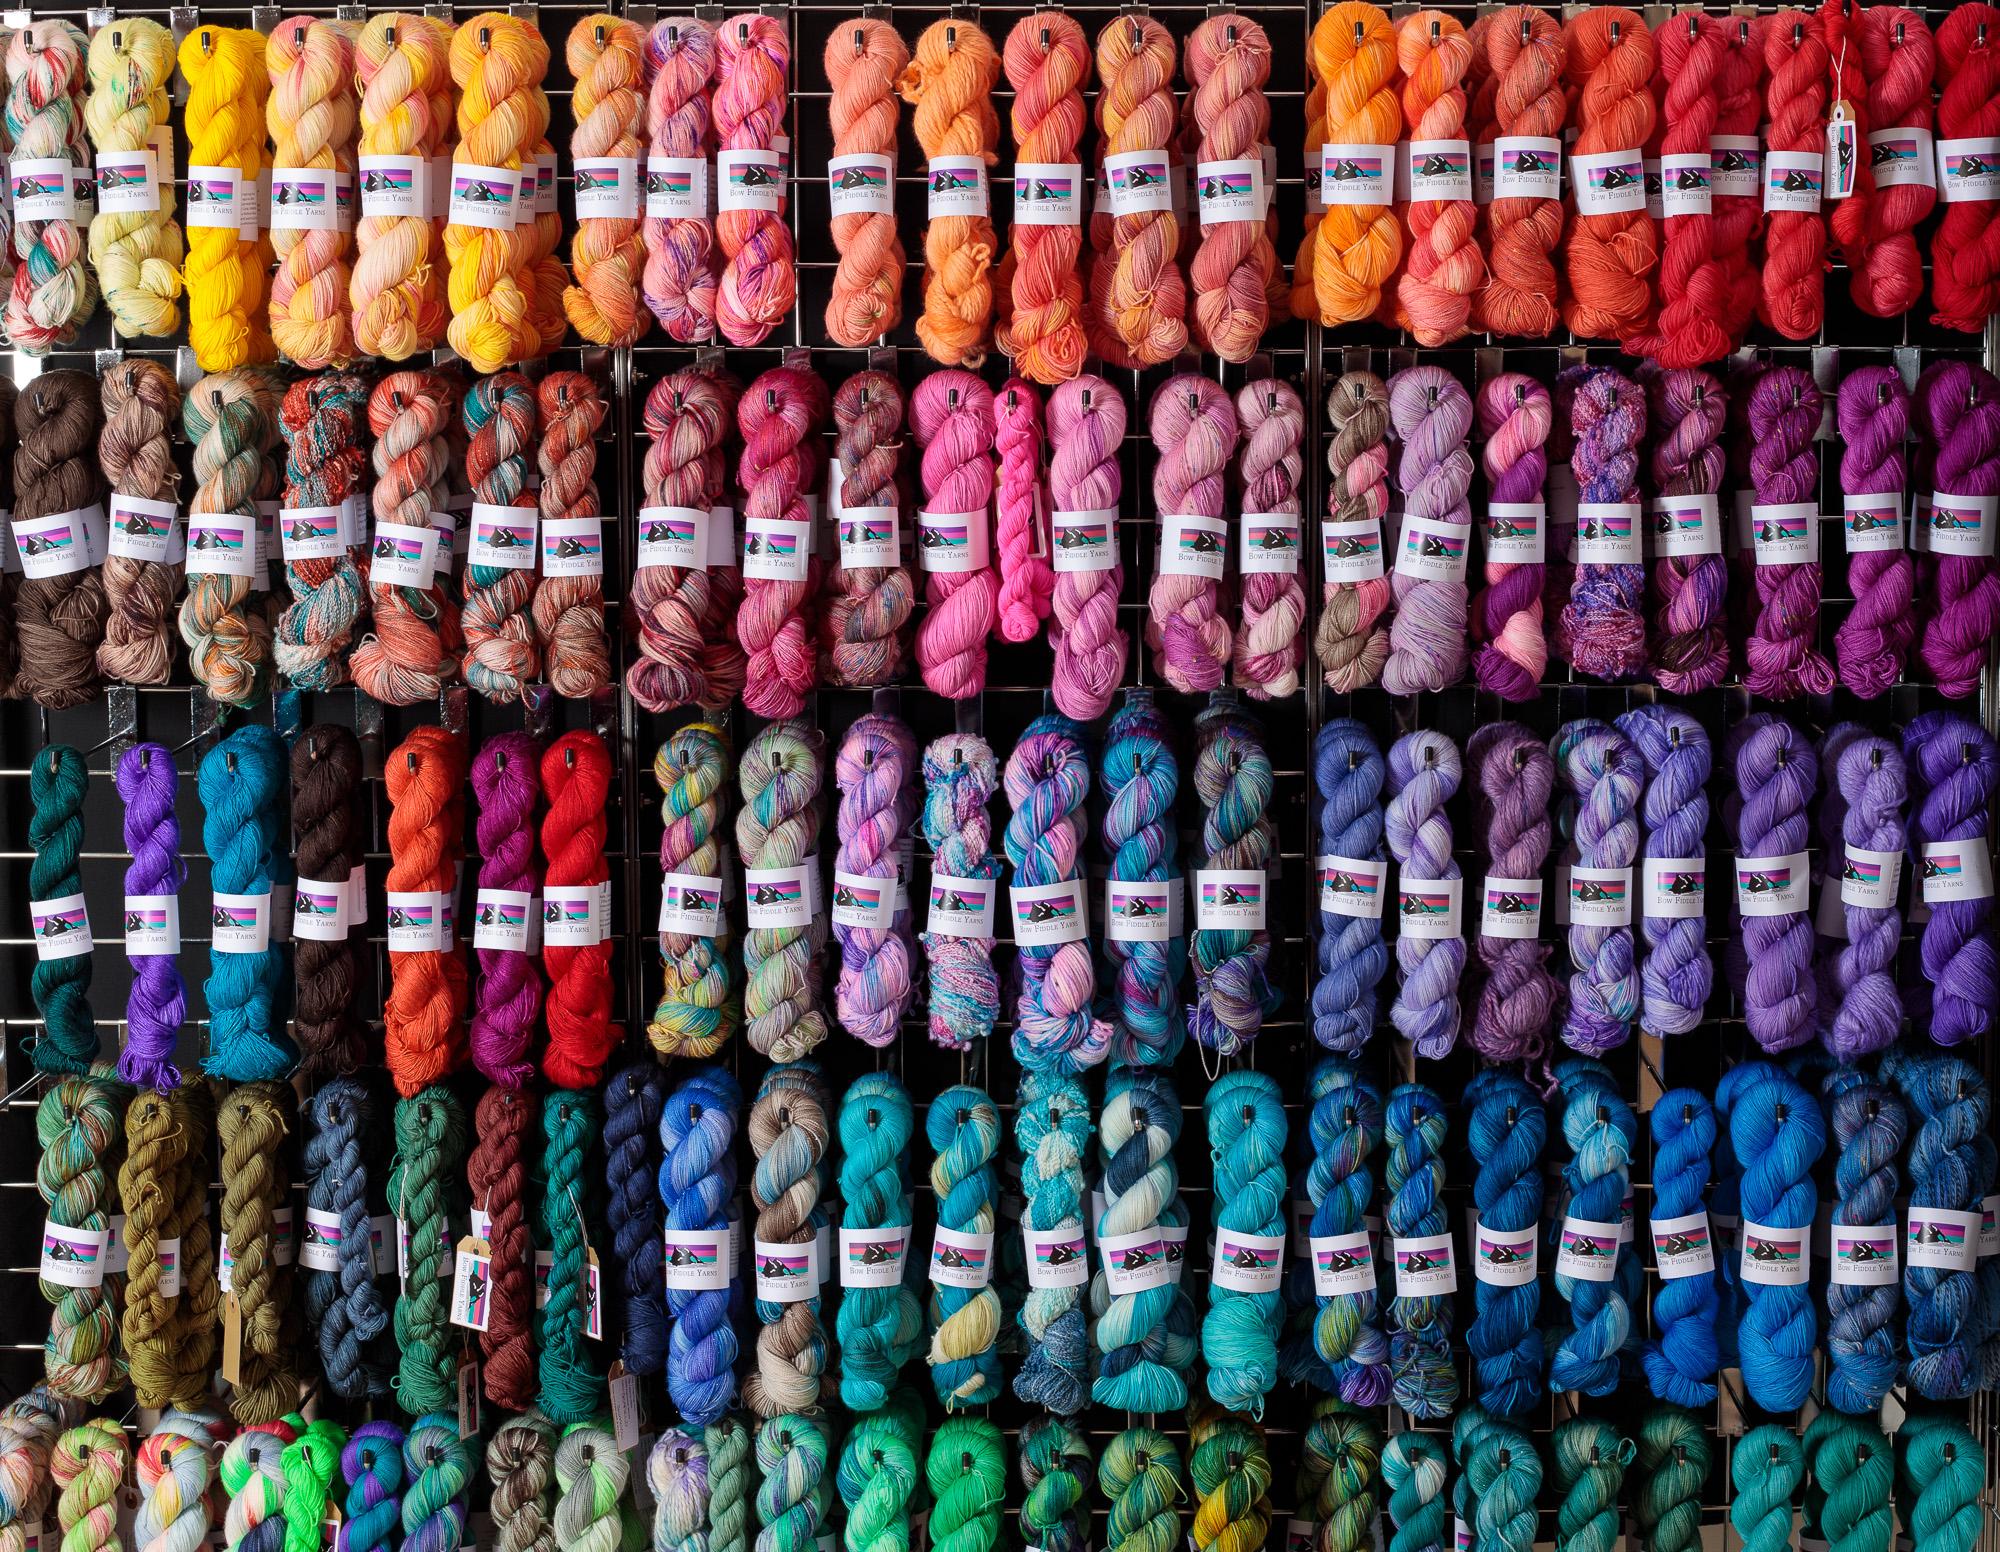 yarn-wall-bow-fiddle-yarns